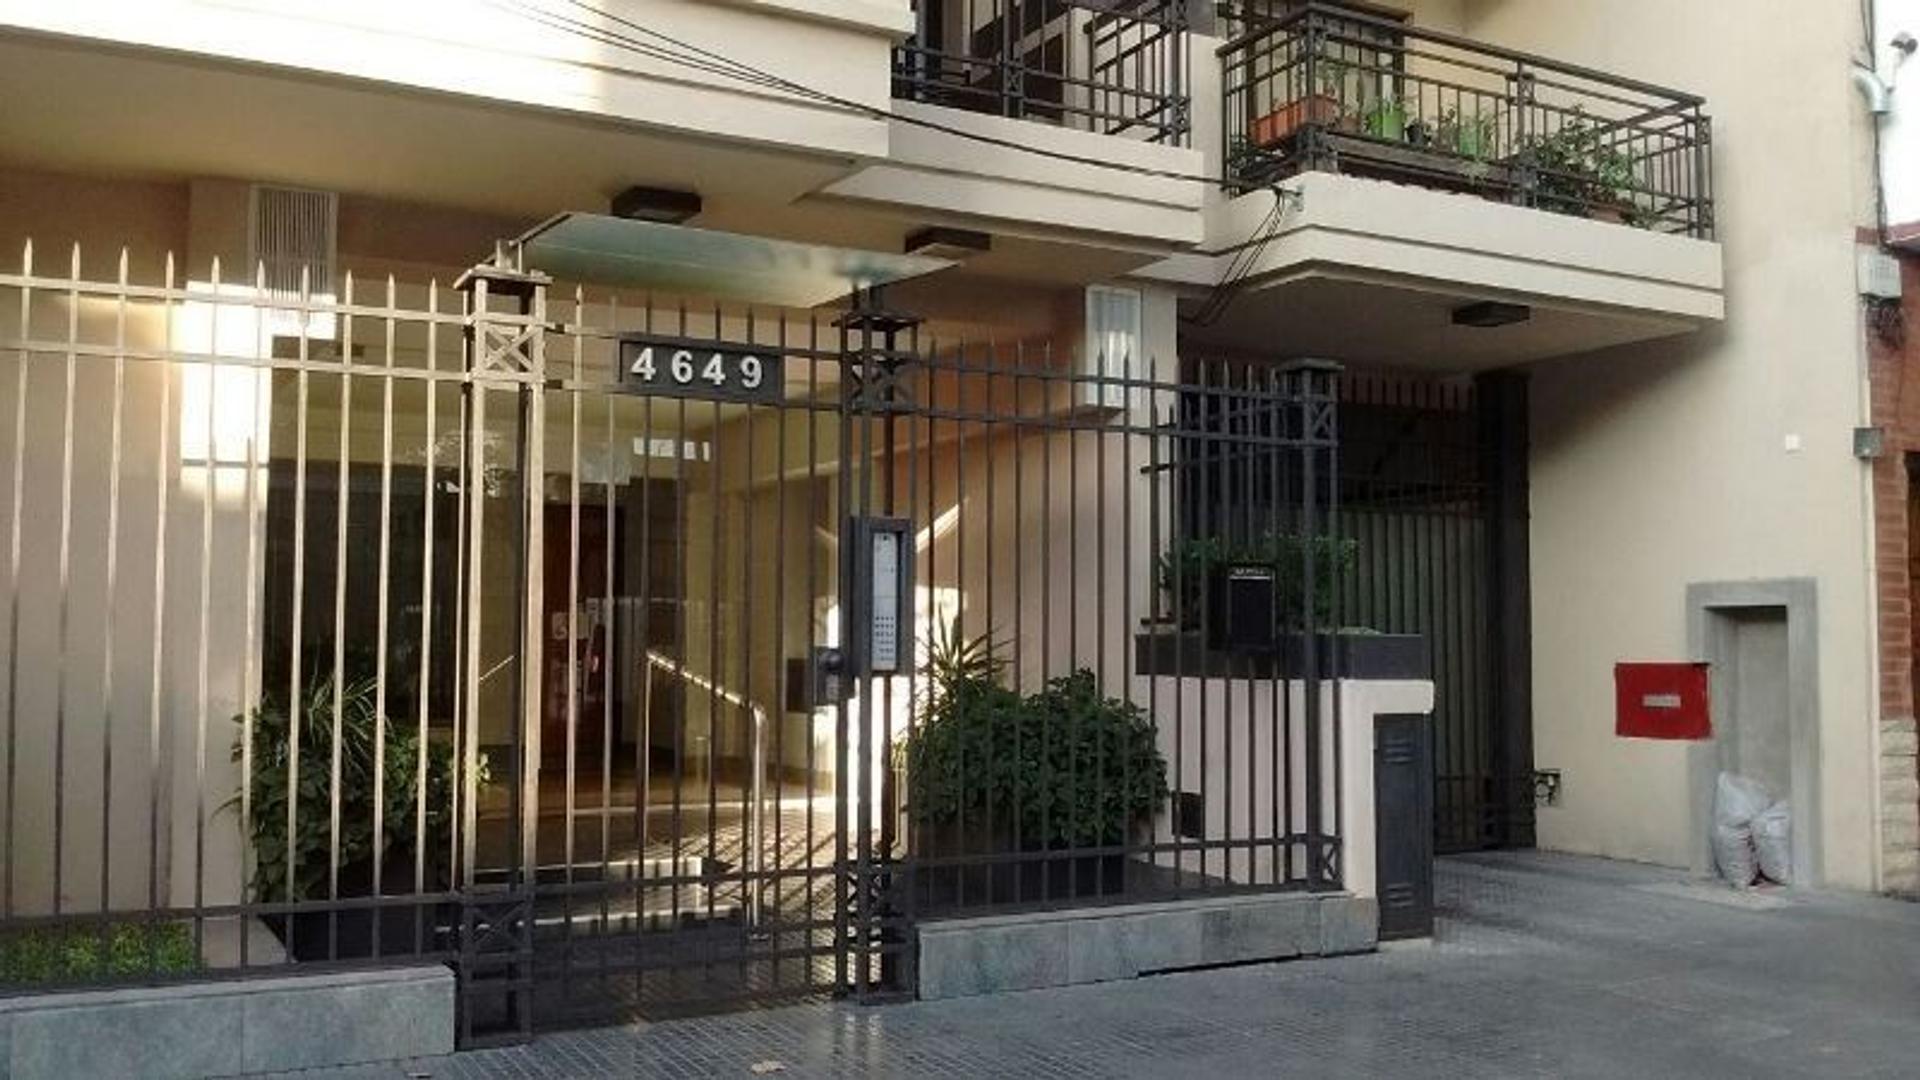 Departamento - Venta - Argentina, General San Martín - SARMIENTO 4649